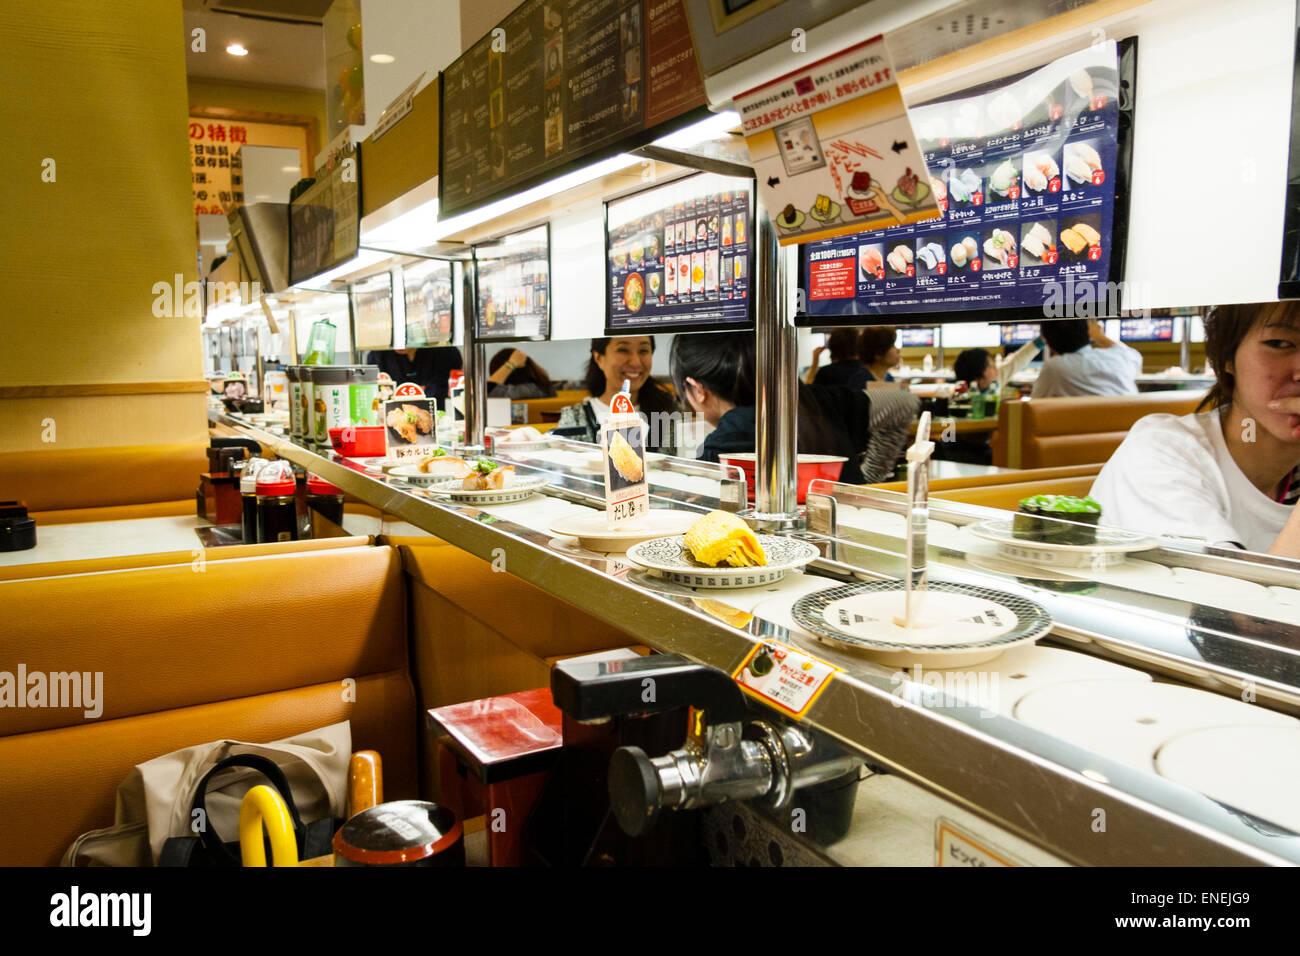 https www alamyimages fr photo image interieur d un restaurant de sushis japonais typique gros plan de divers sushis et aliments sur des assiettes se deplacant le long du tapis roulant 82071145 html